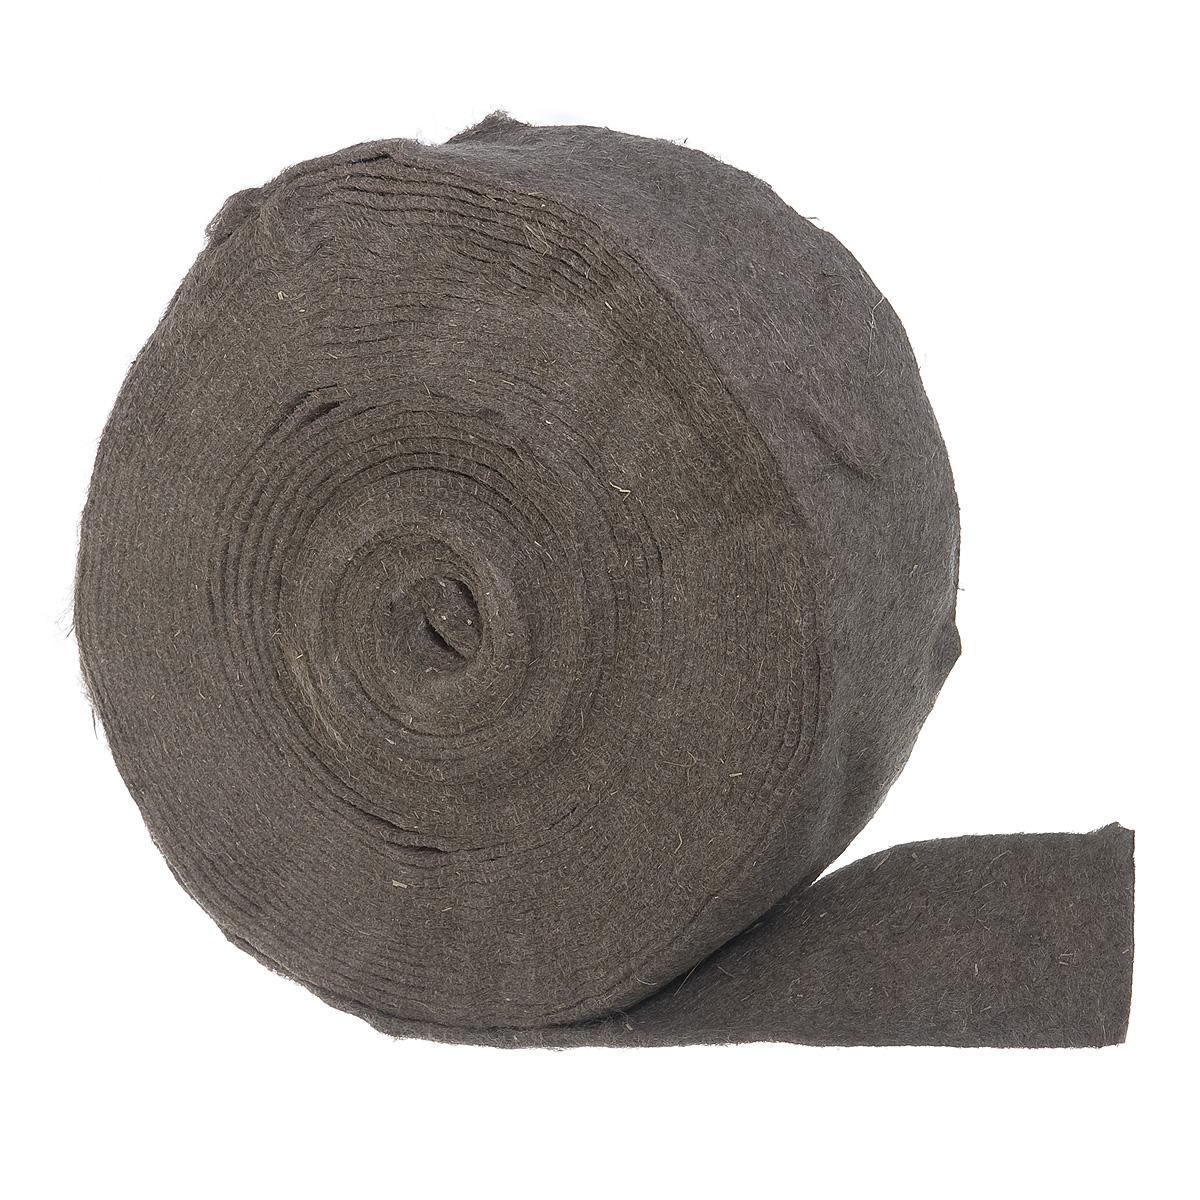 Утеплитель межвенцовый (уплотнитель) льняной 5-6 мм 0,1х20 м